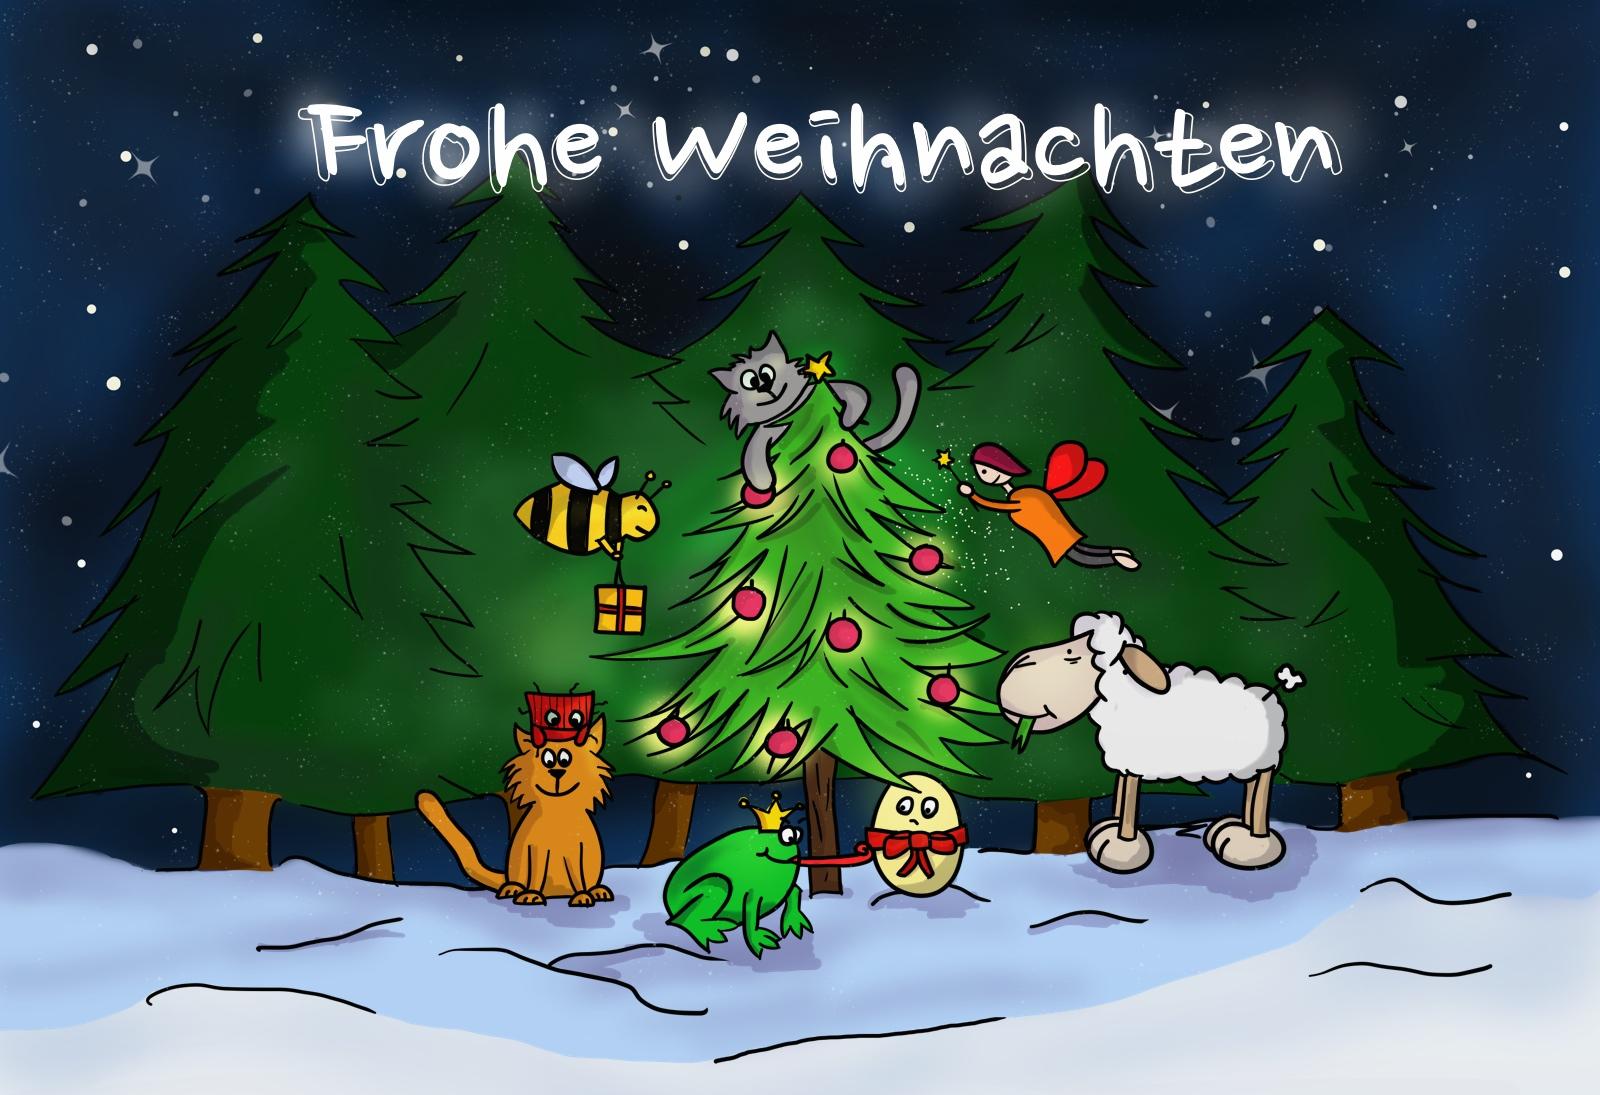 Bilder Zu Weihnachten.Frohe Weihnachten Und Alles Gute Für 2015 Tischtennis Bundesliga